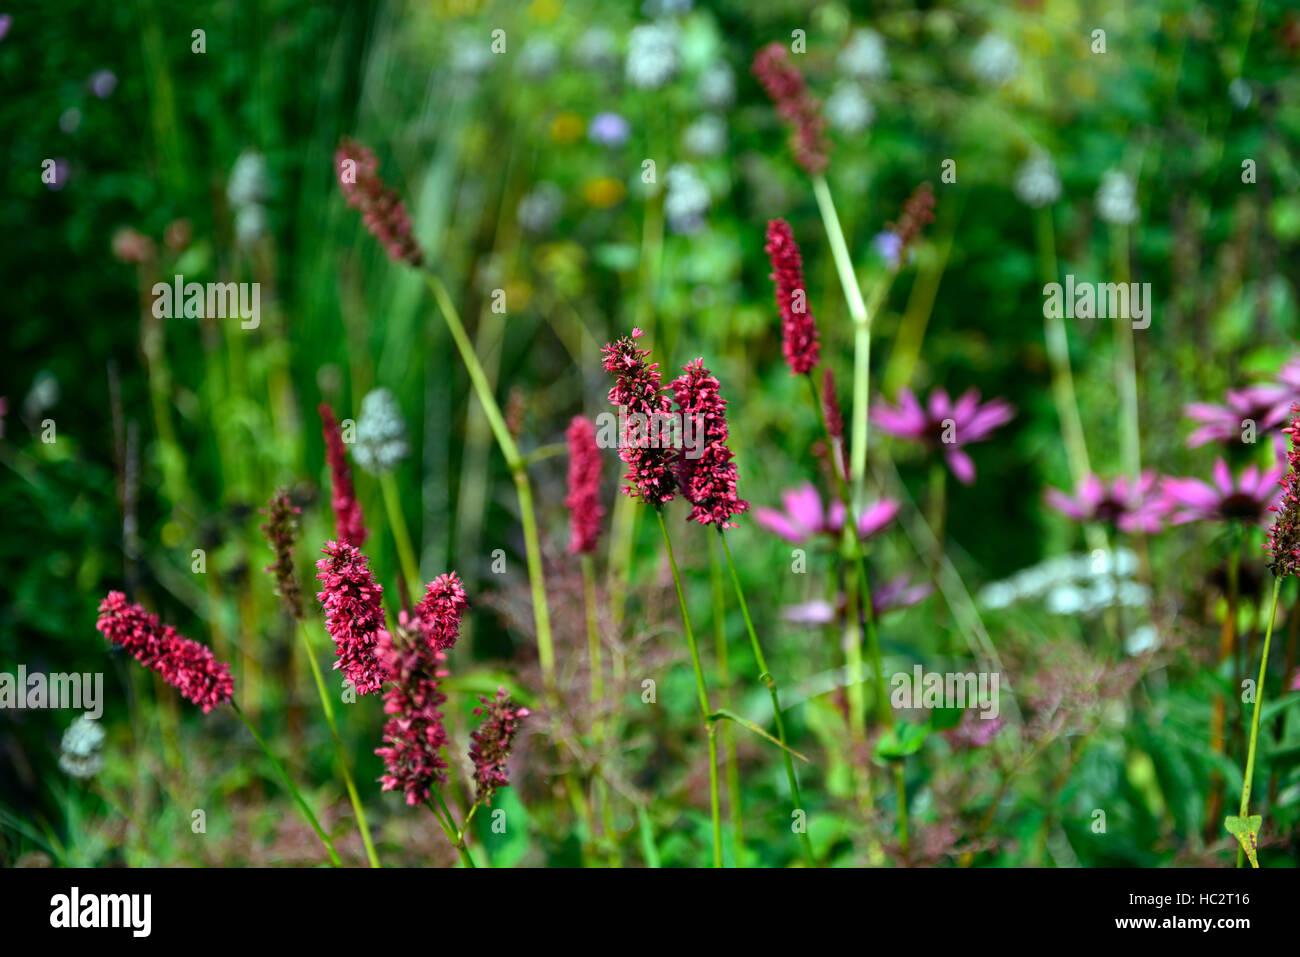 Persicaria amplexicaulis Fat Domino fiore rosso tarda fioritura fiori perenni del colore di visualizzazione colore Immagini Stock